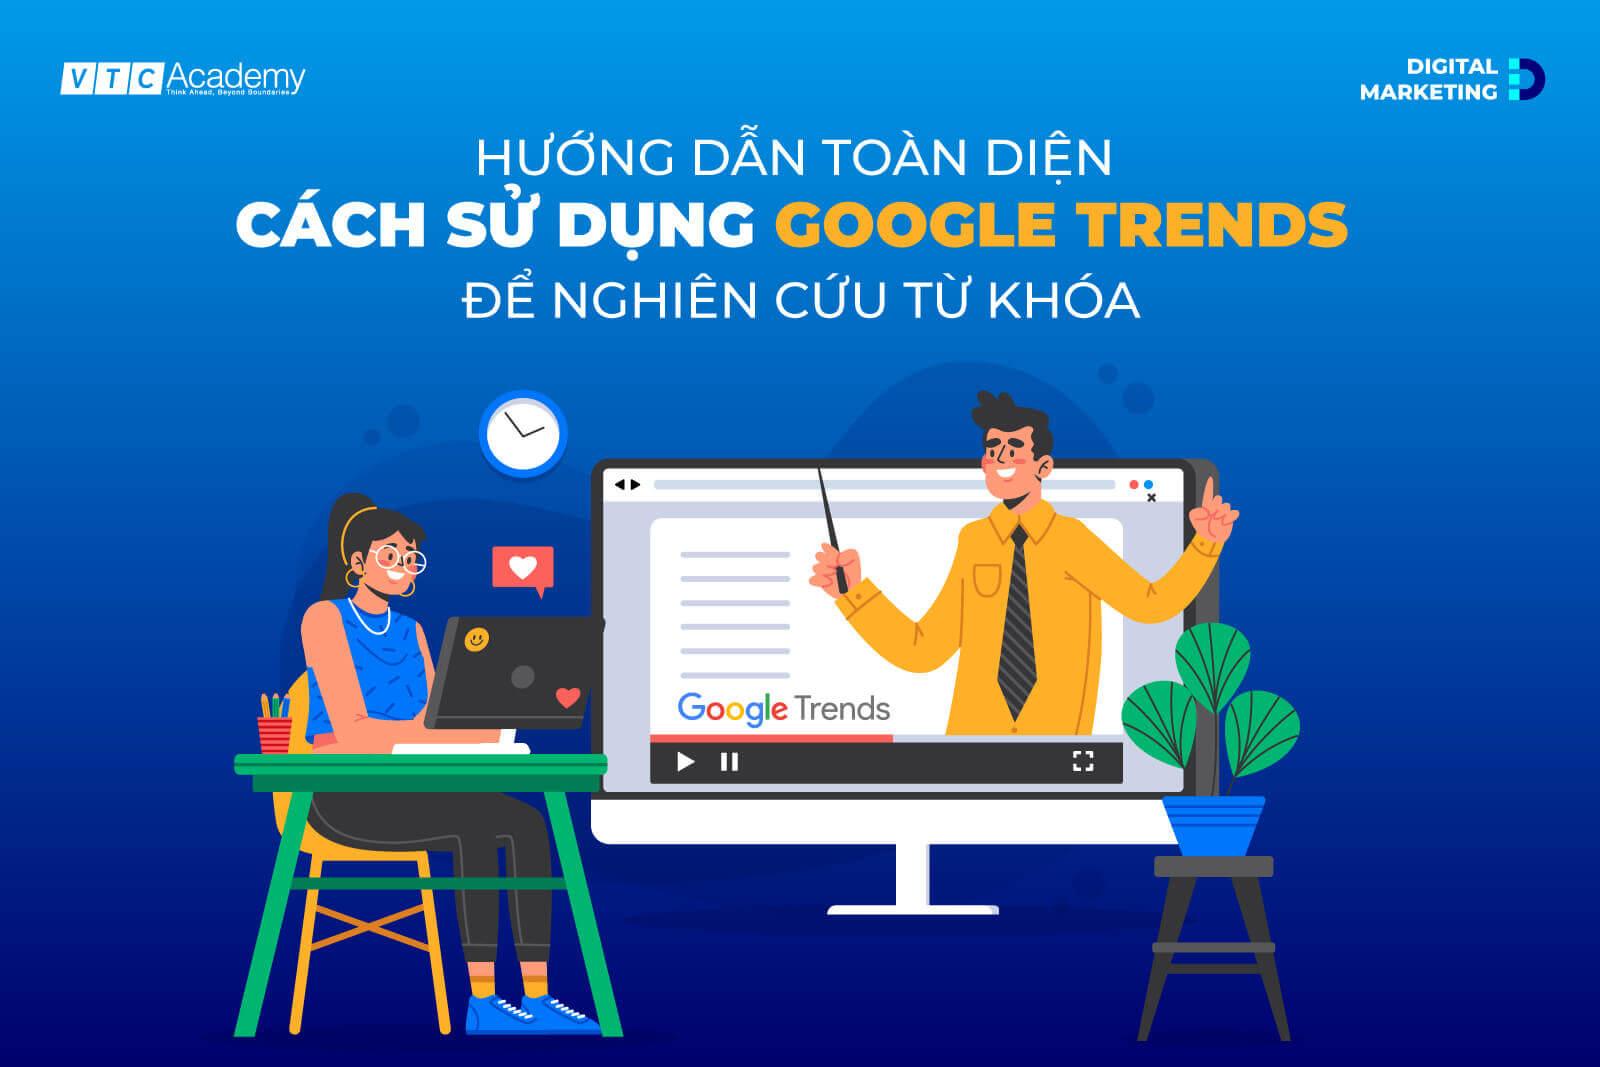 Hướng dẫn toàn diện về cách sử dụng Google Trends để nghiên cứu từ khóa